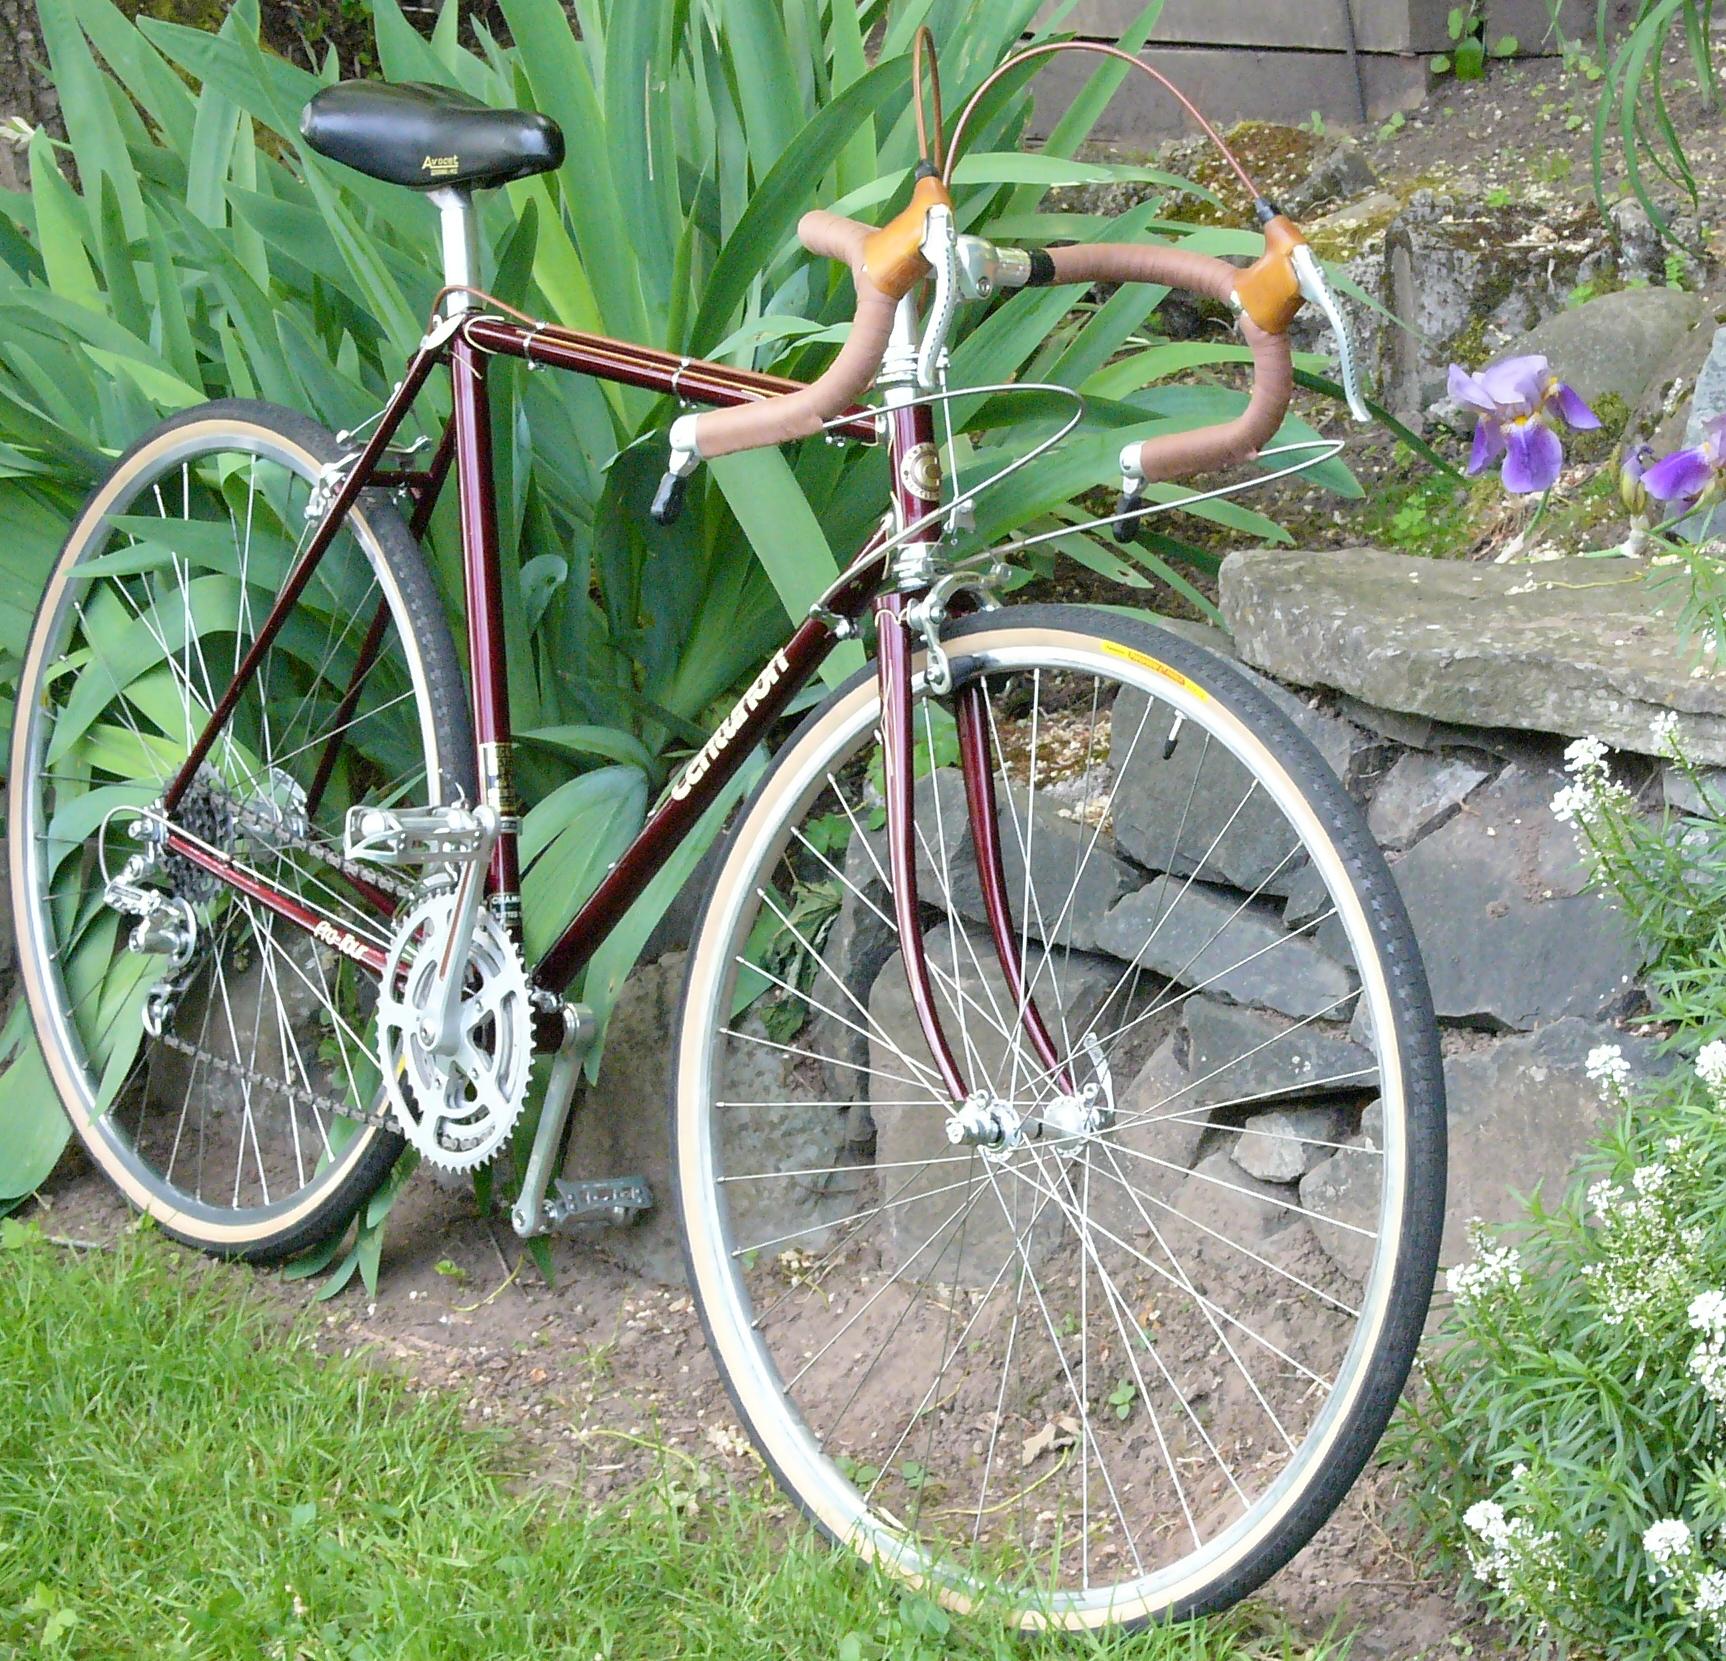 1978 centurion pro tour restoring vintage bicycles from. Black Bedroom Furniture Sets. Home Design Ideas